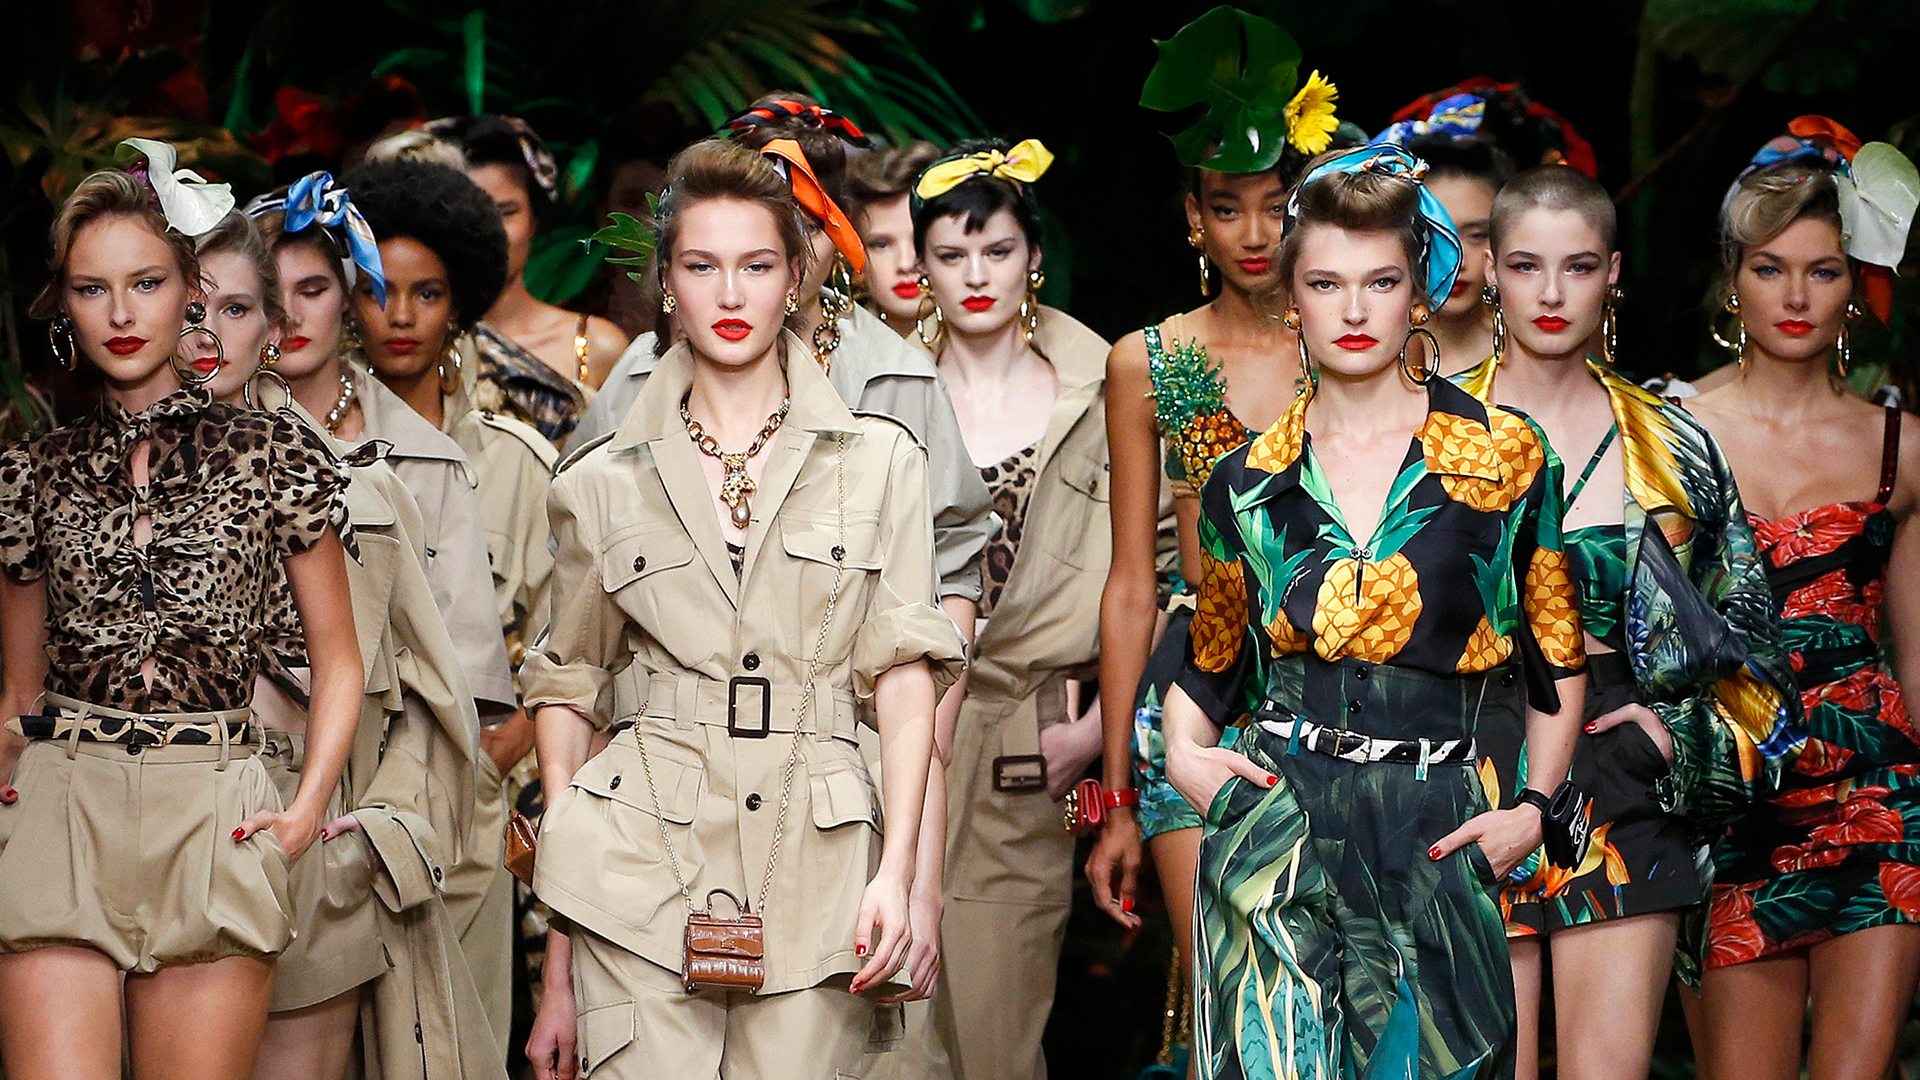 Milánói Divathét 2020 tavasz-nyár Dolce&Gabbana